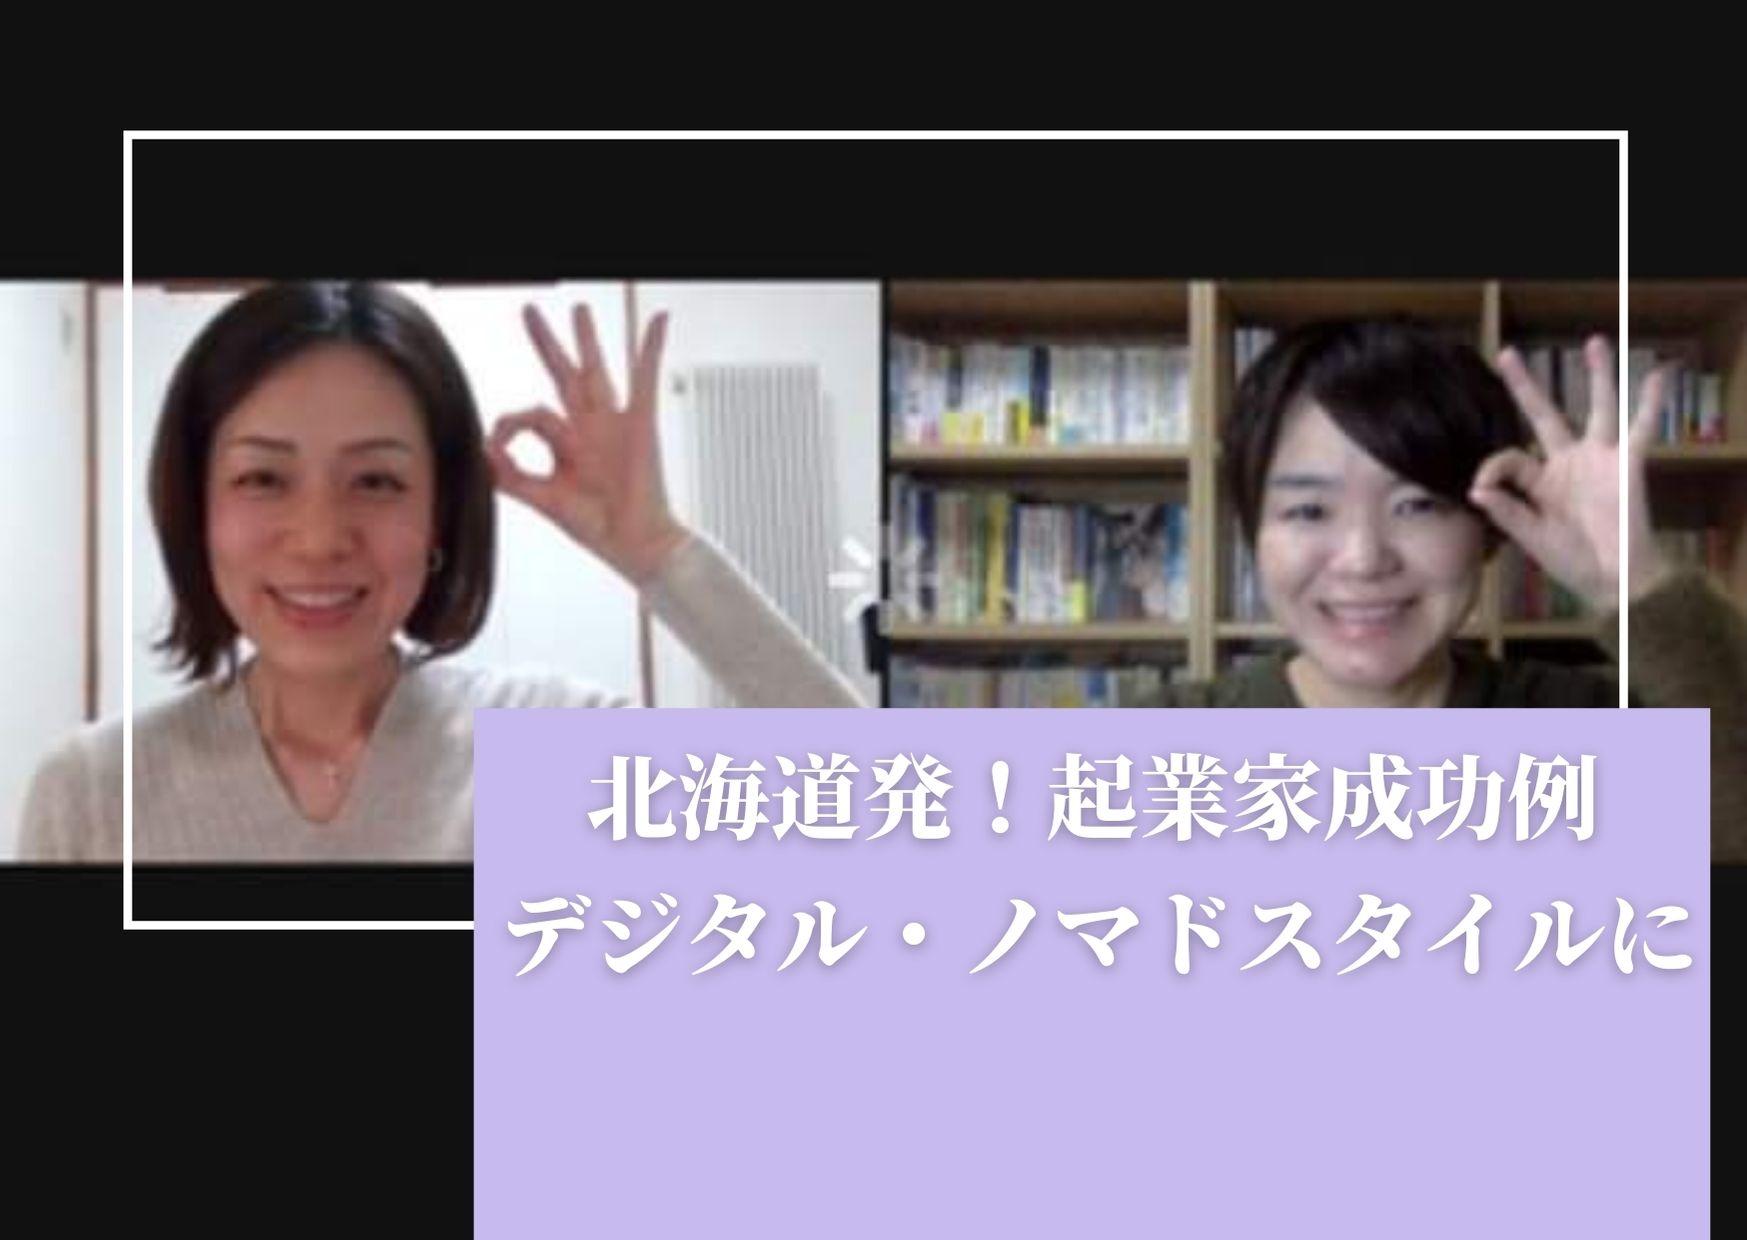 北海道発のマナー講師のネット女性起業成功例